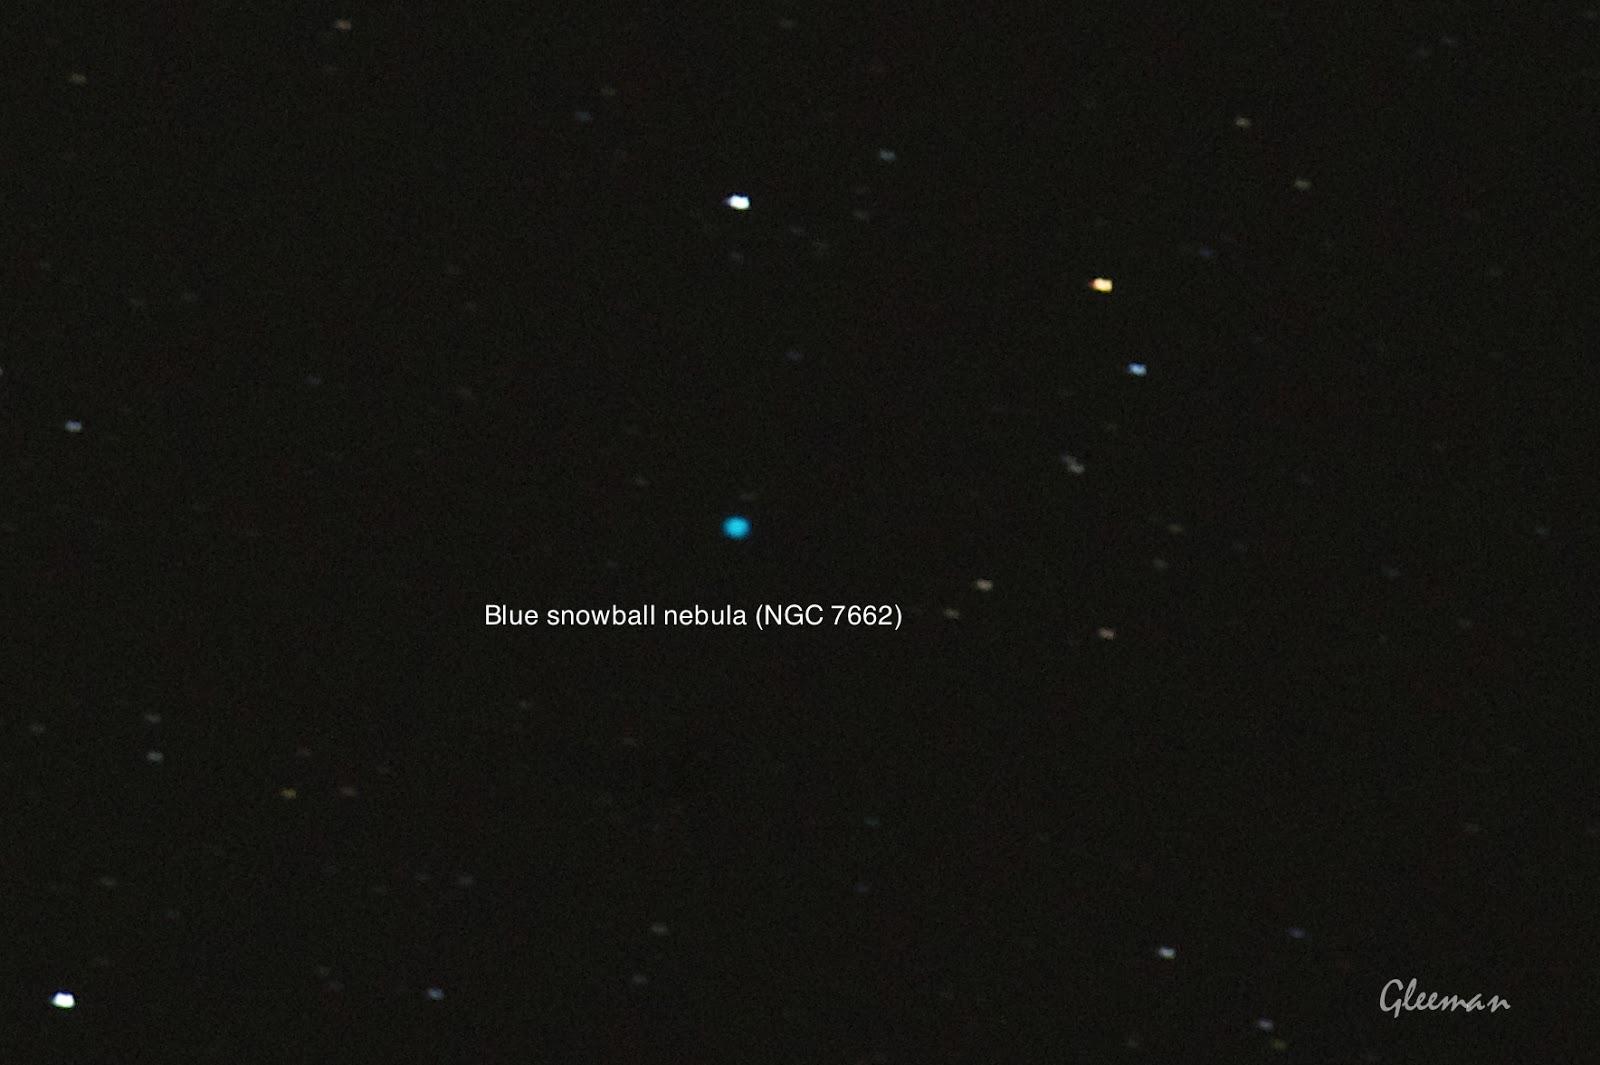 仙女座的藍雪球星雲 blue snowball / Pentax Pentax 75SDHF + 1.4XL + K5 ,O-GPS1 Astrotracer